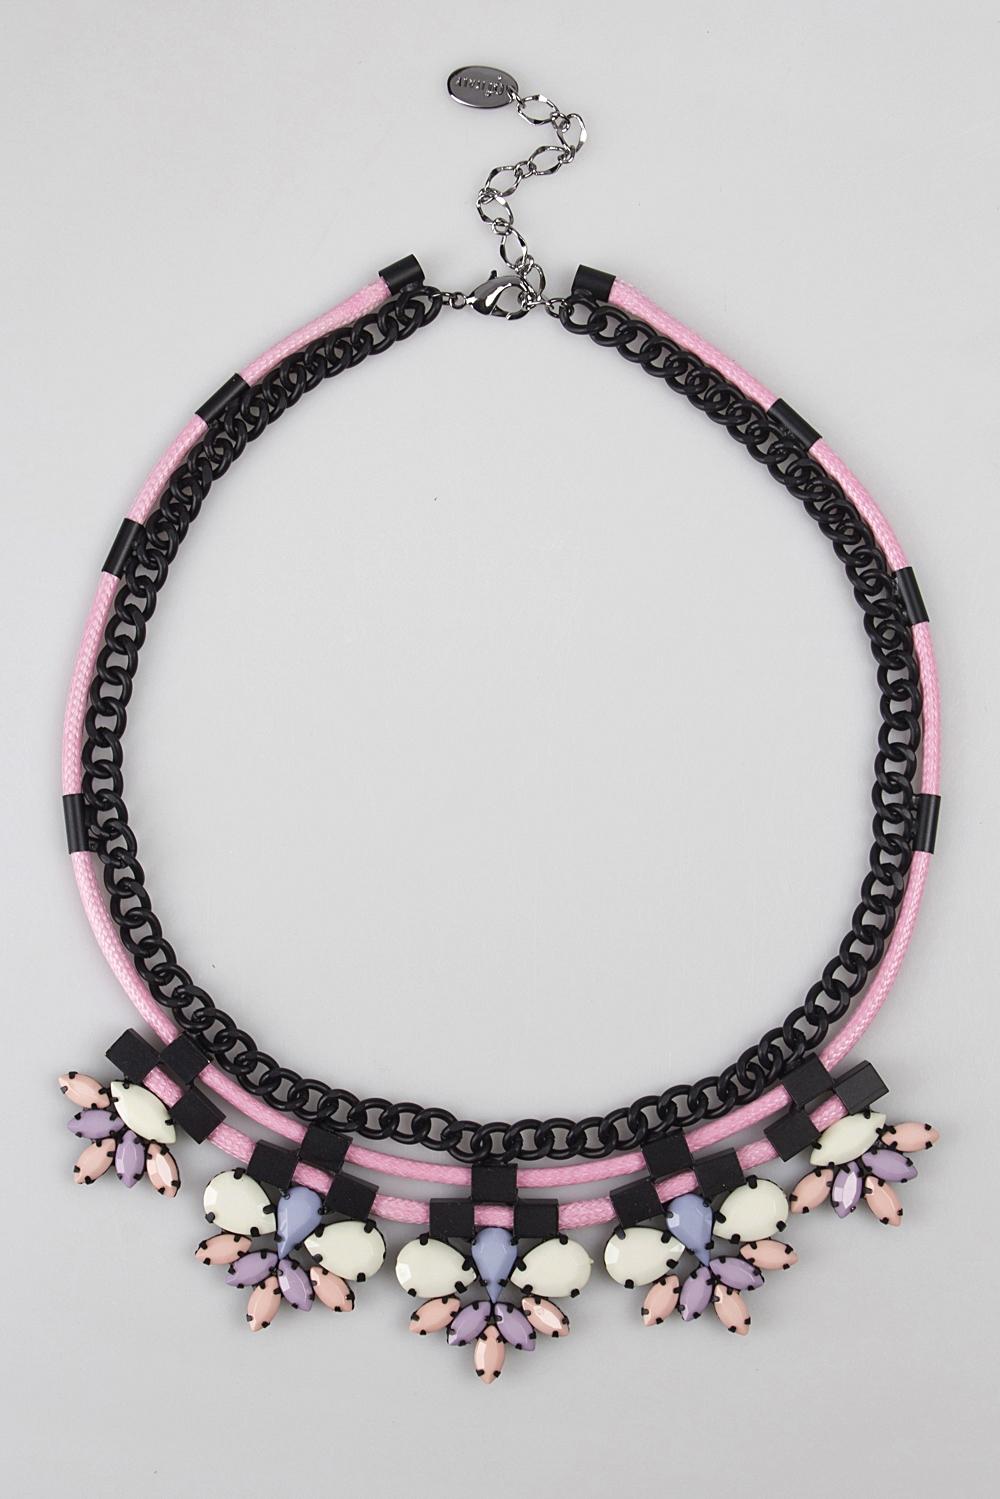 Ожерелье КориосМетал: гиппоаллергенный бижутерный сплав металлов, не содержащий никеля.<br>